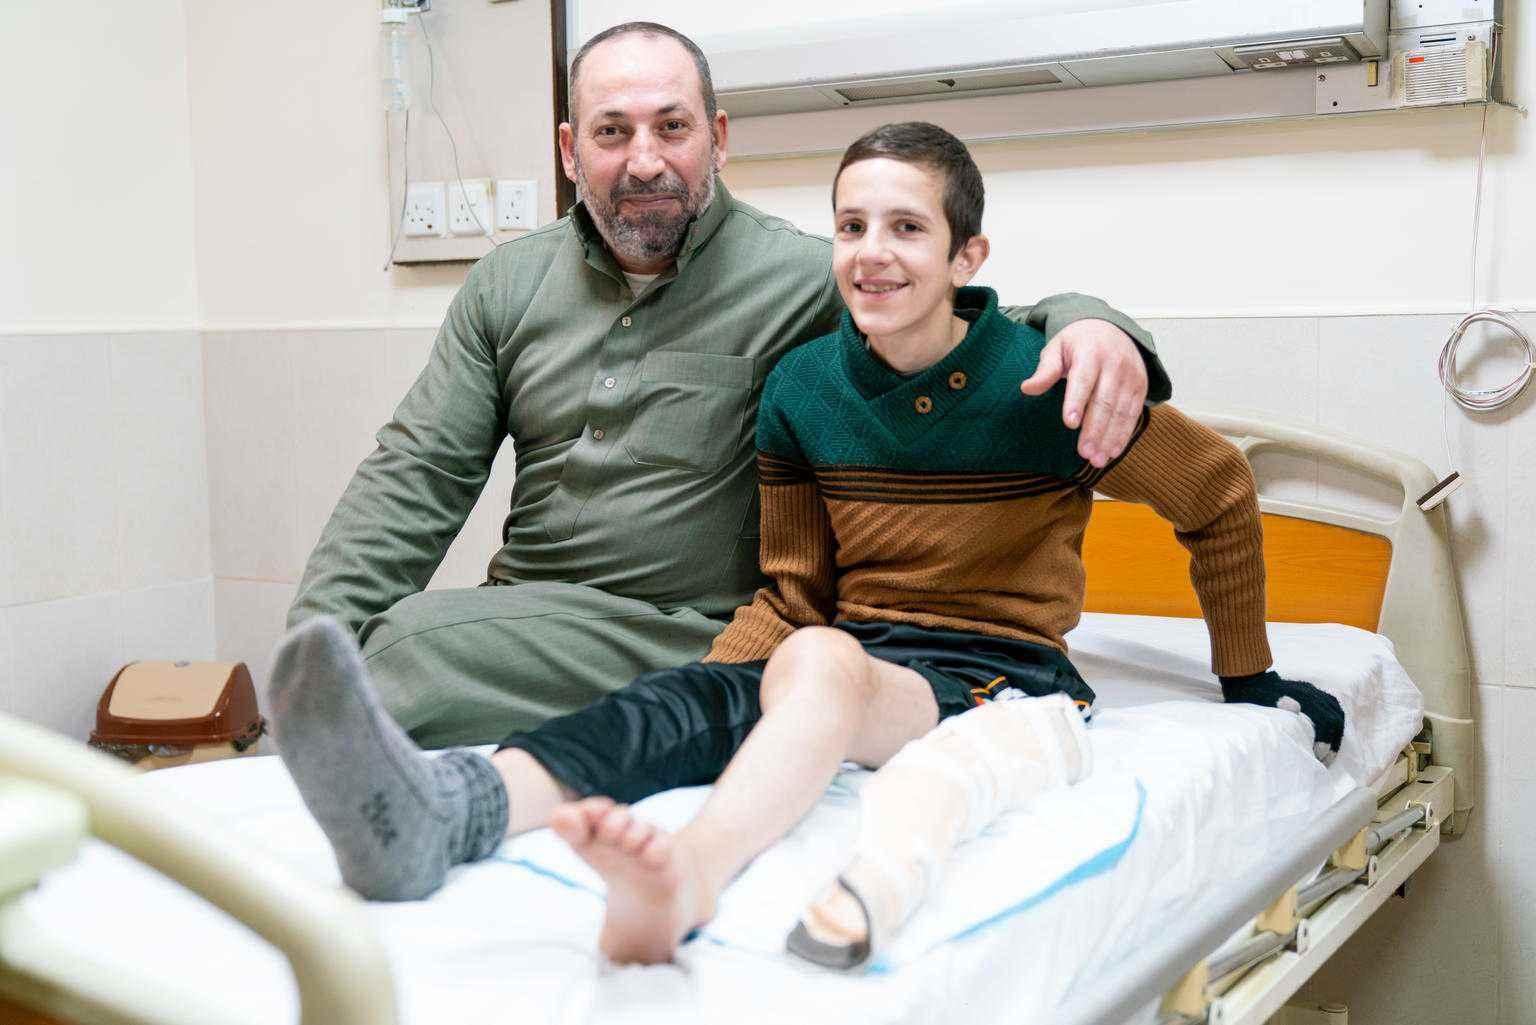 """أصيب أحمد البالغ من العمر 14 عامًا، في سوريا قبل سبع سنوات عندما قصف منزله وانهارت الجدران عليه.  وتقدم """"يونيسف"""" وشركاؤها الرعاية الجراحية لأحمد والأطفال الذين بنفس حالته. وبعد أسبوع واحد من العلاج، بدأ يشعر فعليًا بالأمل، متحدثًا بحماس إلى والده حول الخطوات التالية في حياته أولاً الجراحة ثم مستقبل جديد.  أحمد يقول """"أمنيتي الكبرى هي أن تتحسن، حتى أتمكن من لعب كرة القدم مرة أخرى""""-كانون الثاني 2019 الأردن (يونيسيف)"""